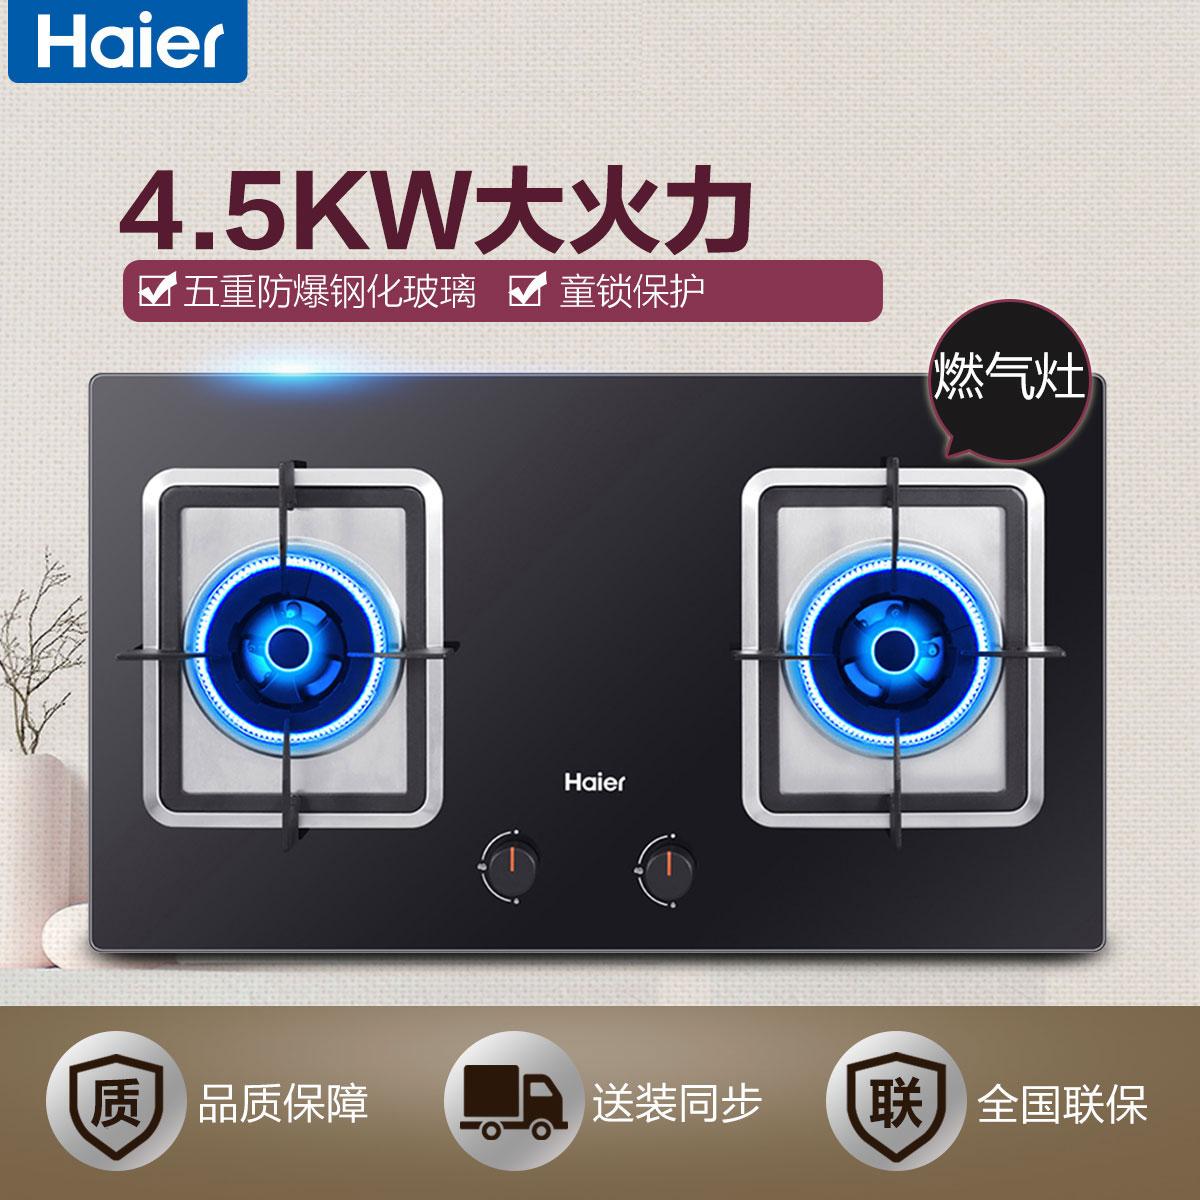 Haier/海尔 燃气灶 QE7B天然气/4.5KW大火力/童锁